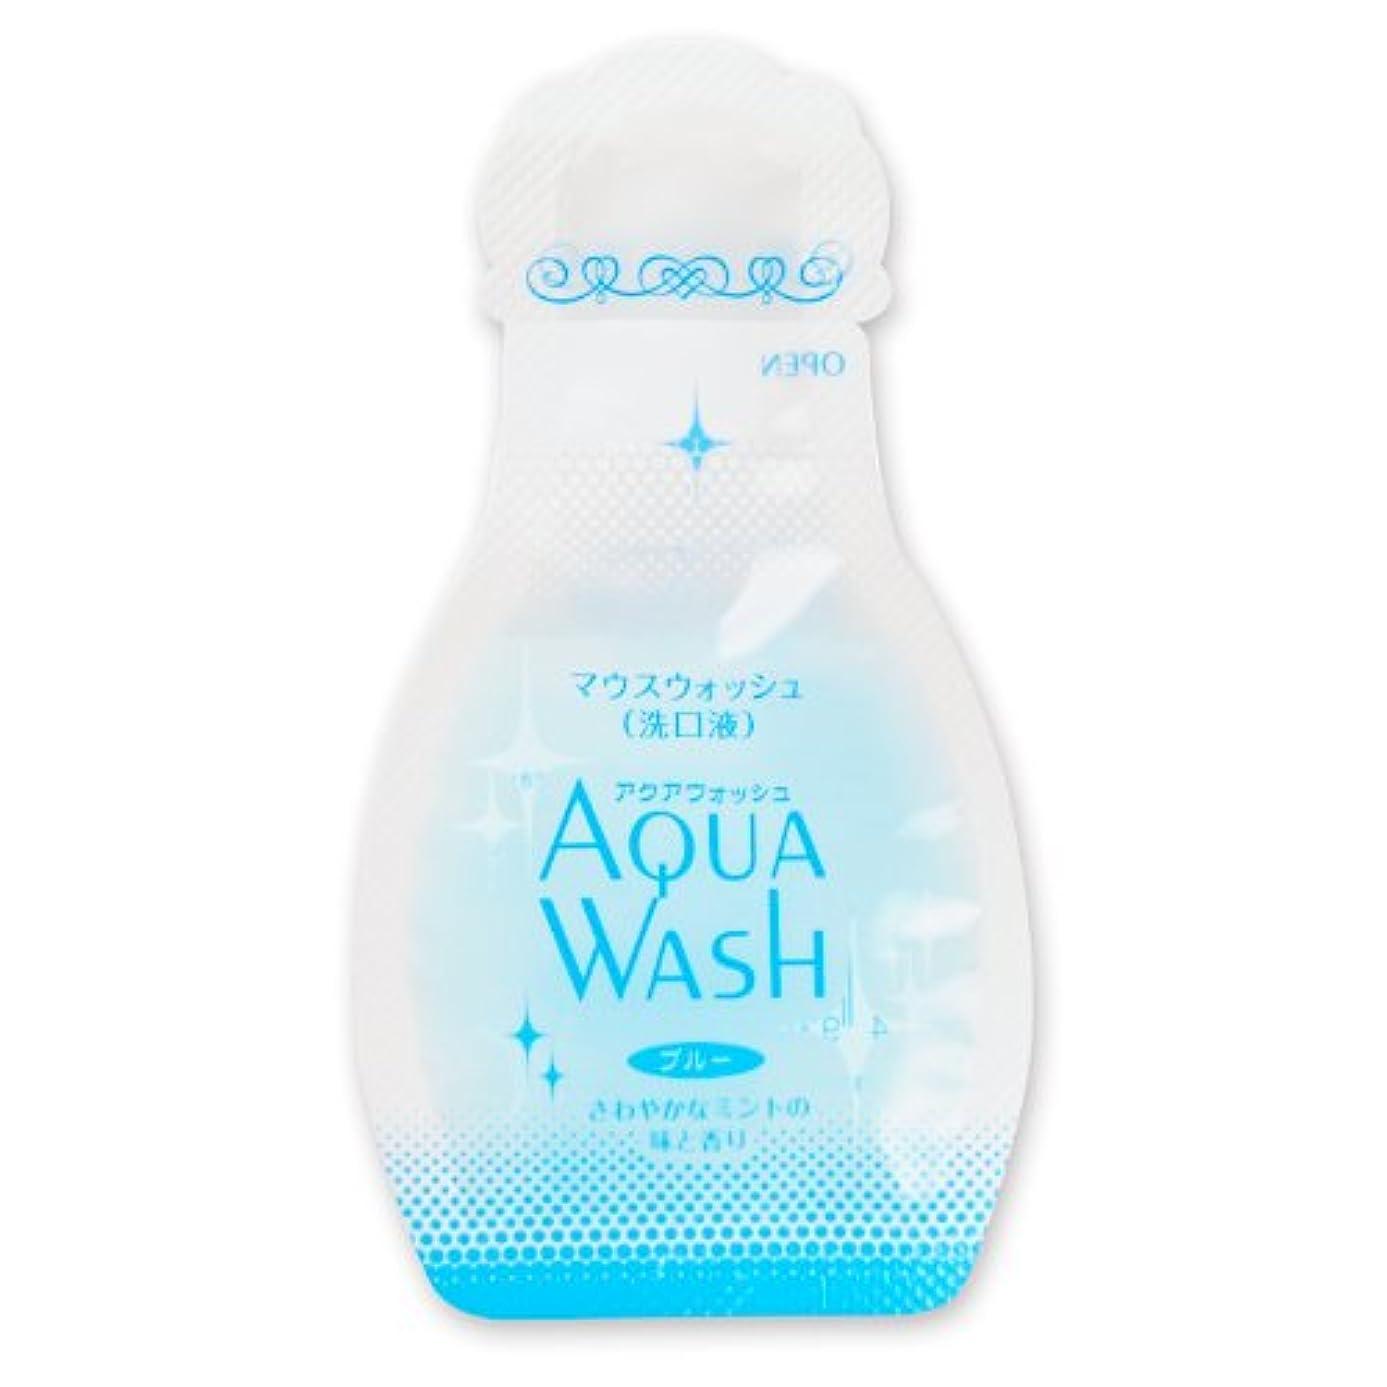 フロンティア化学薬品臭いアクアウォッシュ ブルー(さわやかなミントの味と香り)14ml×1000個入